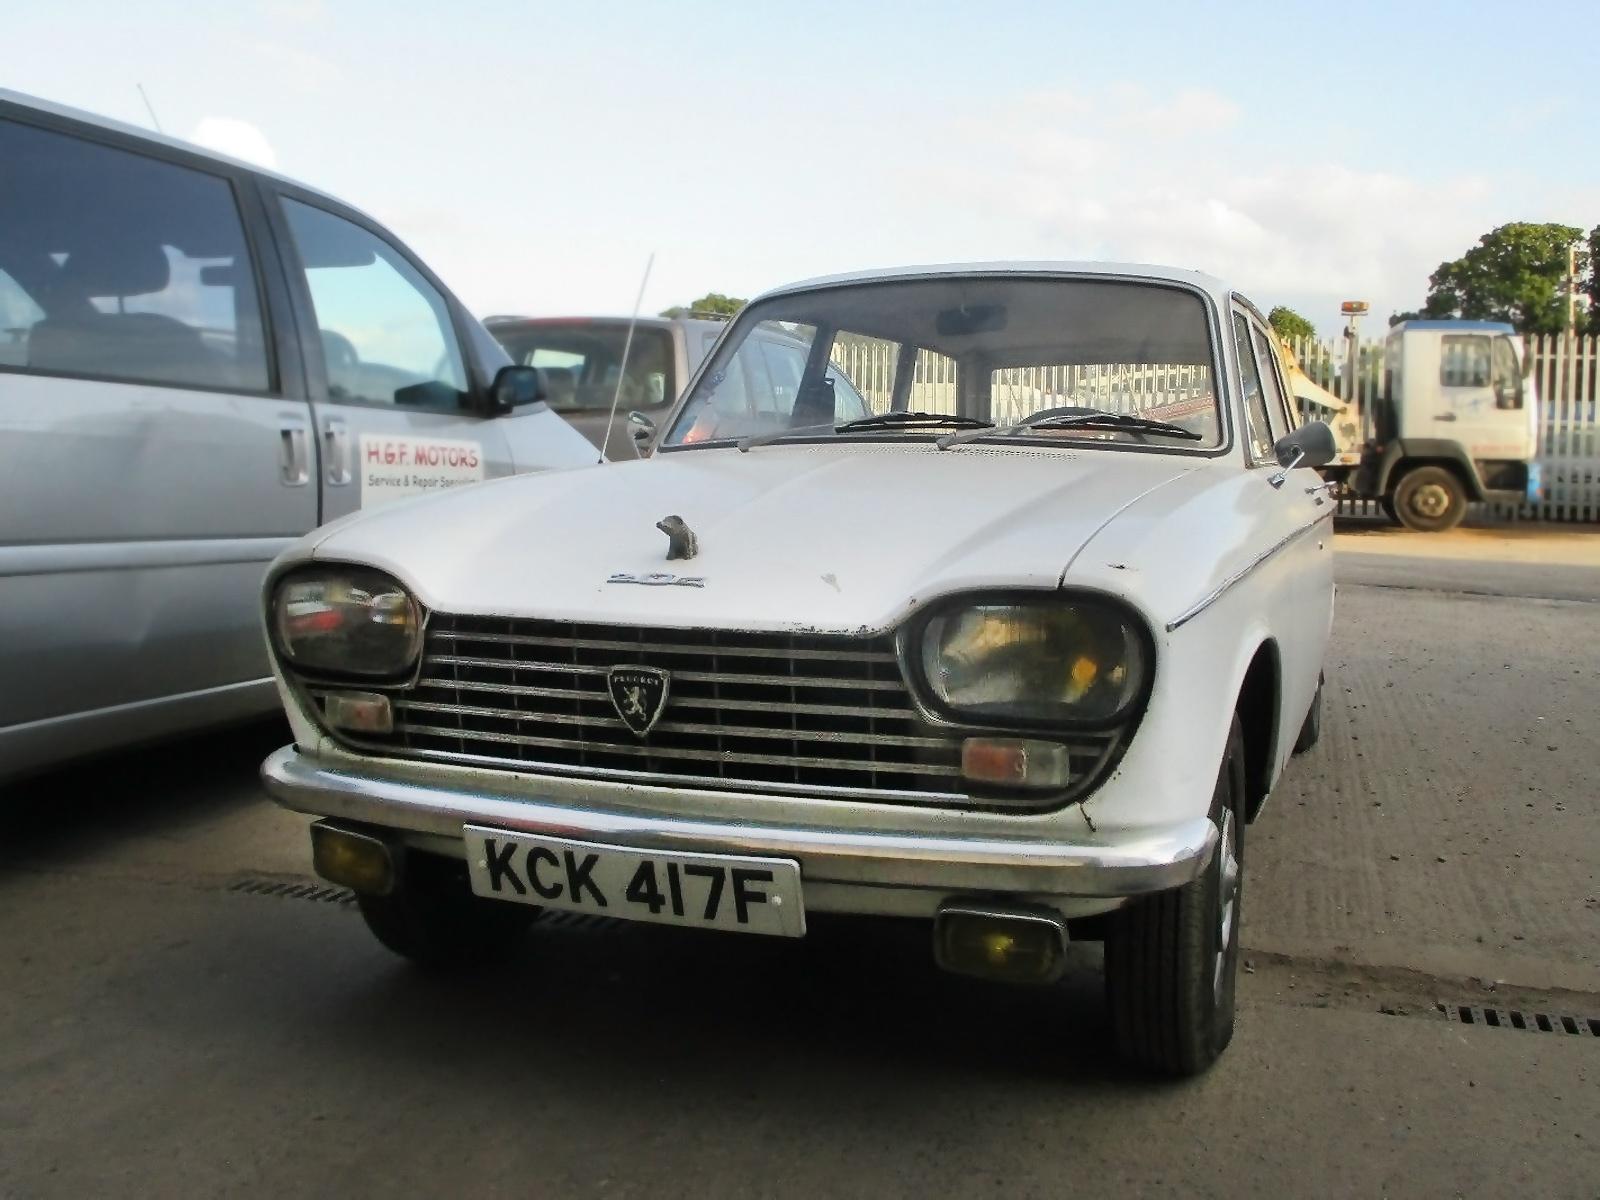 103016 Barn Finds 1968 Peugeot 204 Estate 3